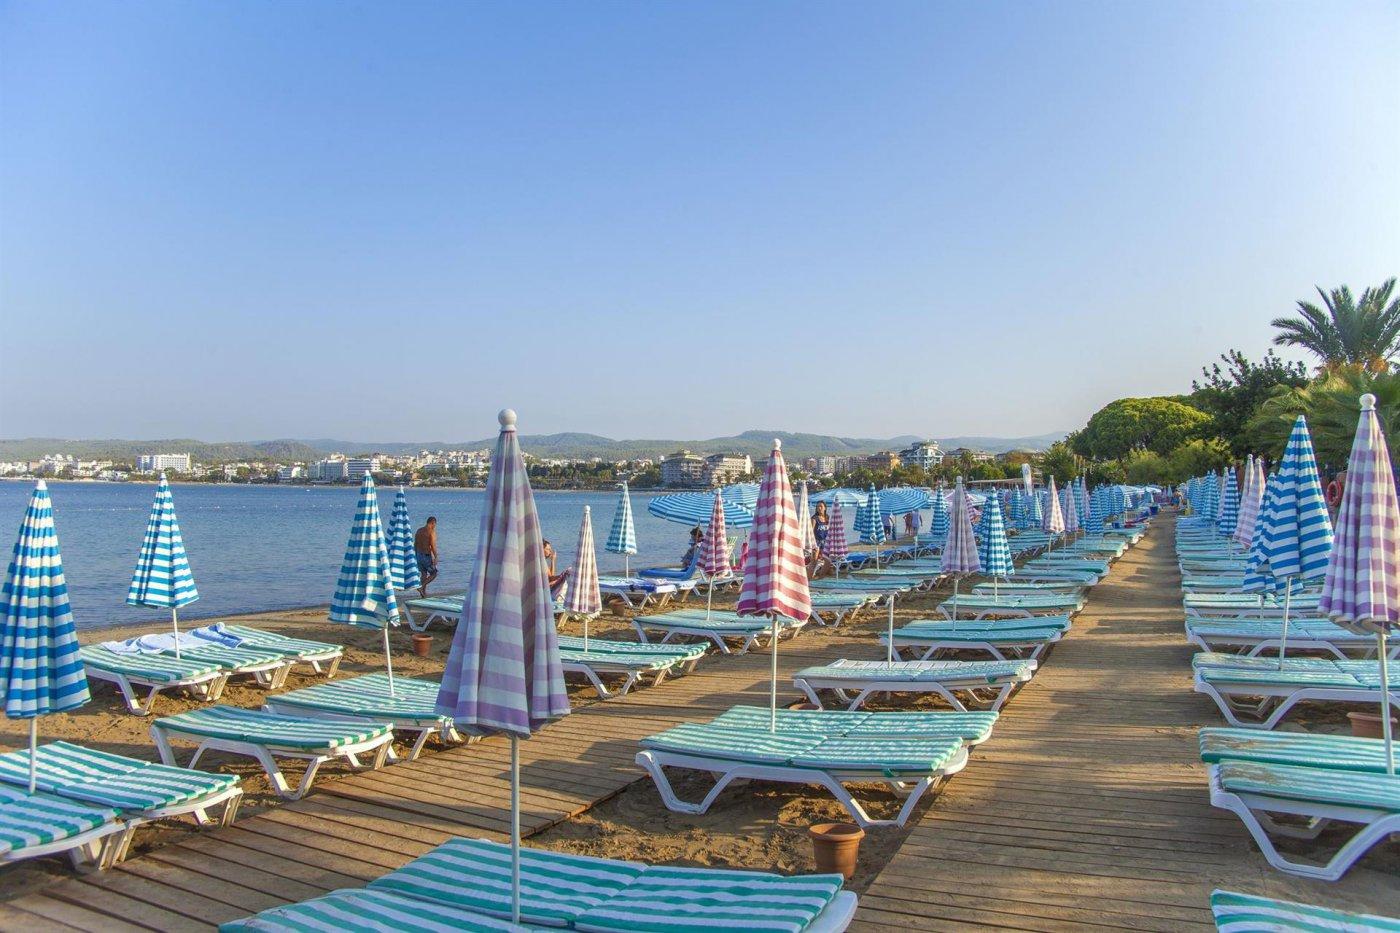 Пляж отеля Lonicera Resort & Spa 5* (Лонисера Резорт энд Спа 5*)